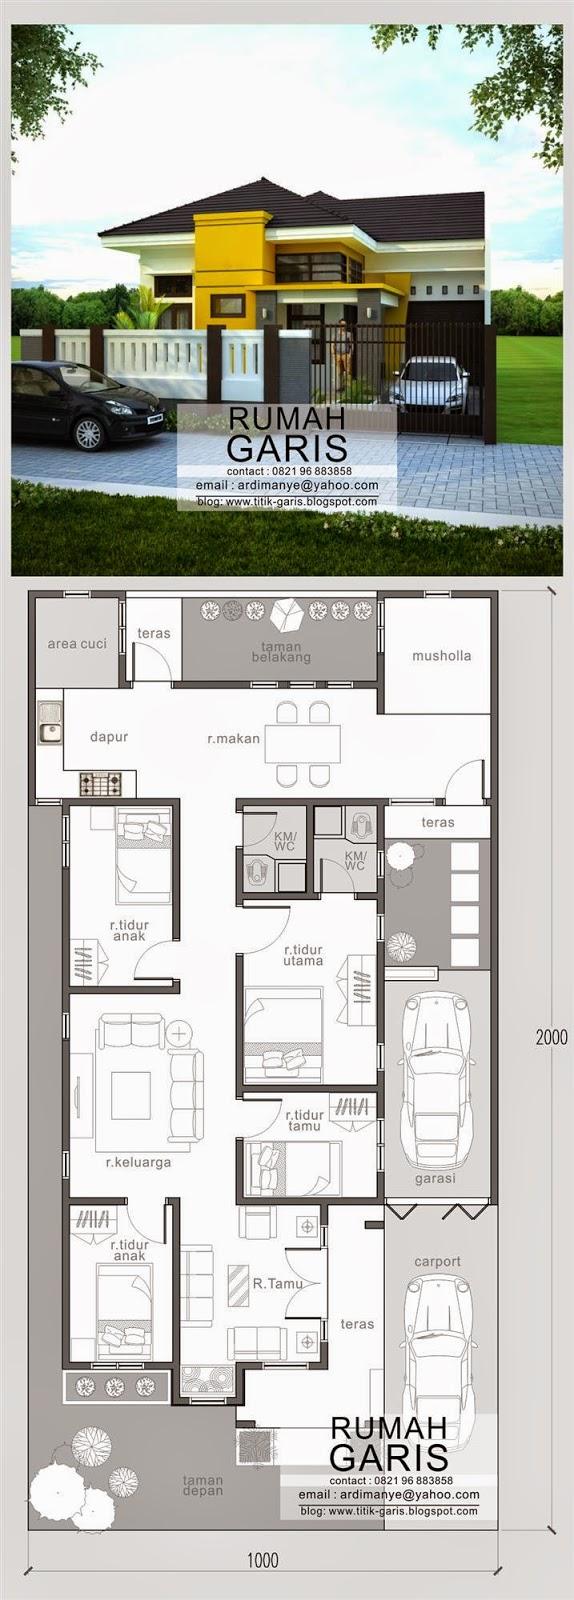 25 Ide Terbaik Desain Rumah Modern Di Pinterest Desain Rumah